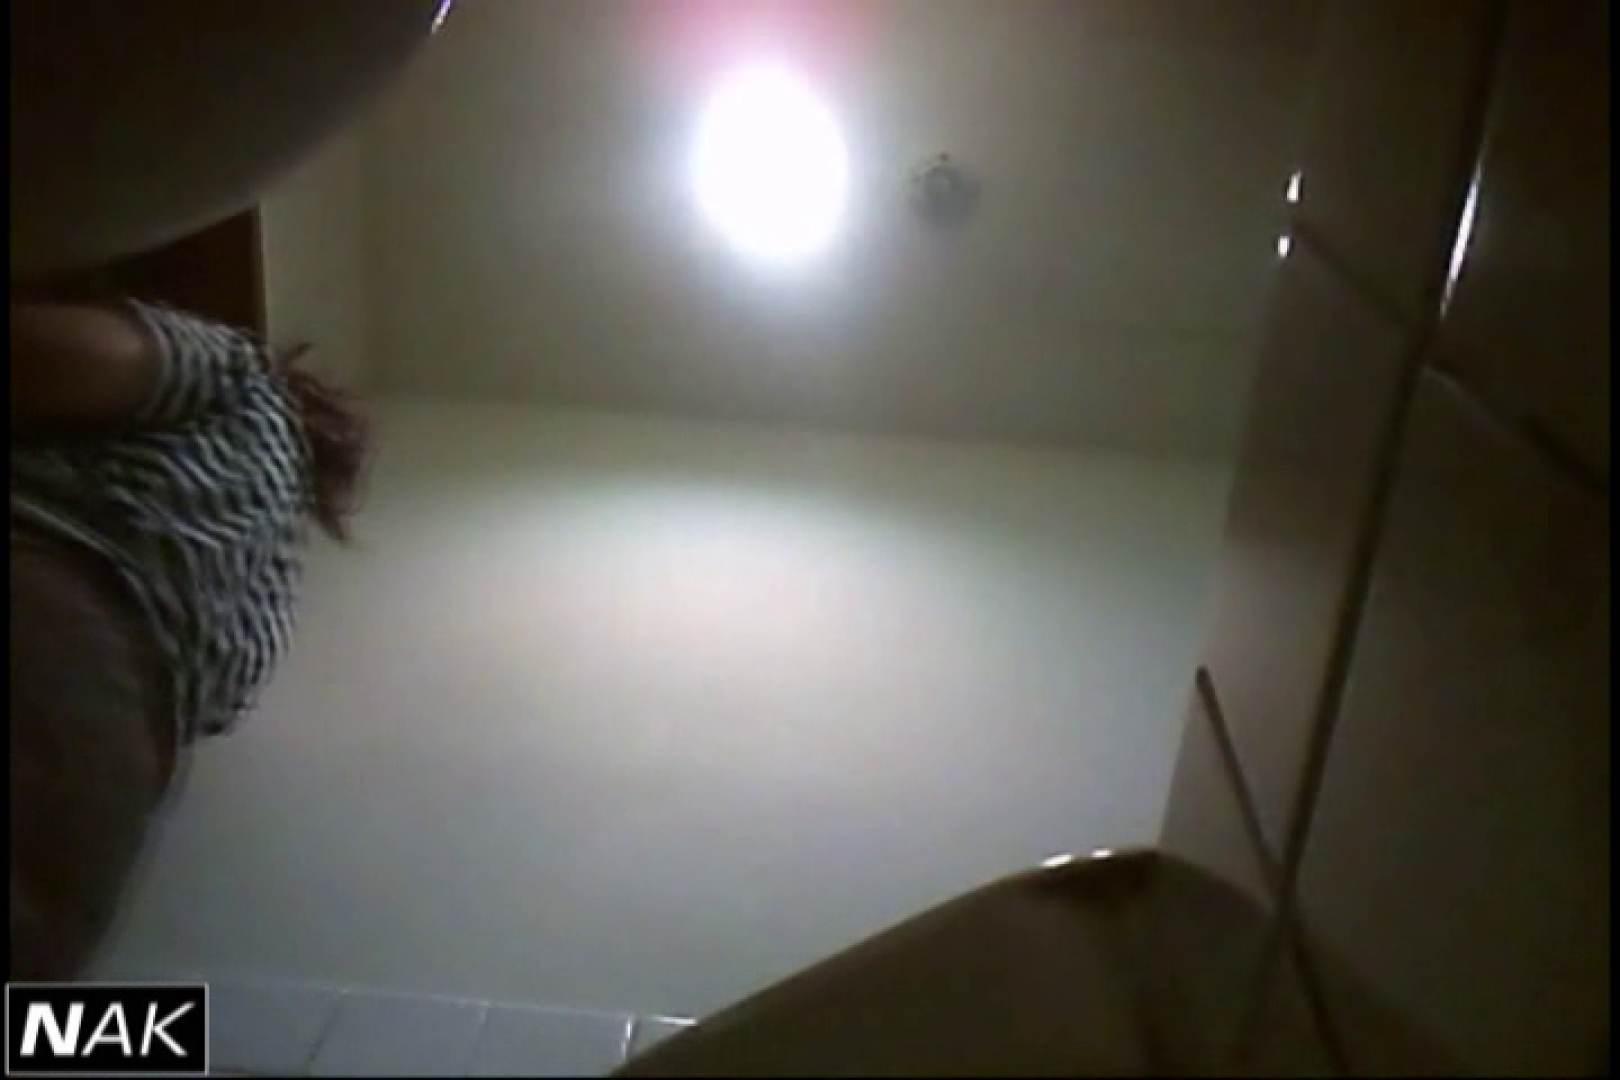 亀さんかわや VIP和式2カメバージョン! vol.16 黄金水 スケベ動画紹介 99PIX 74